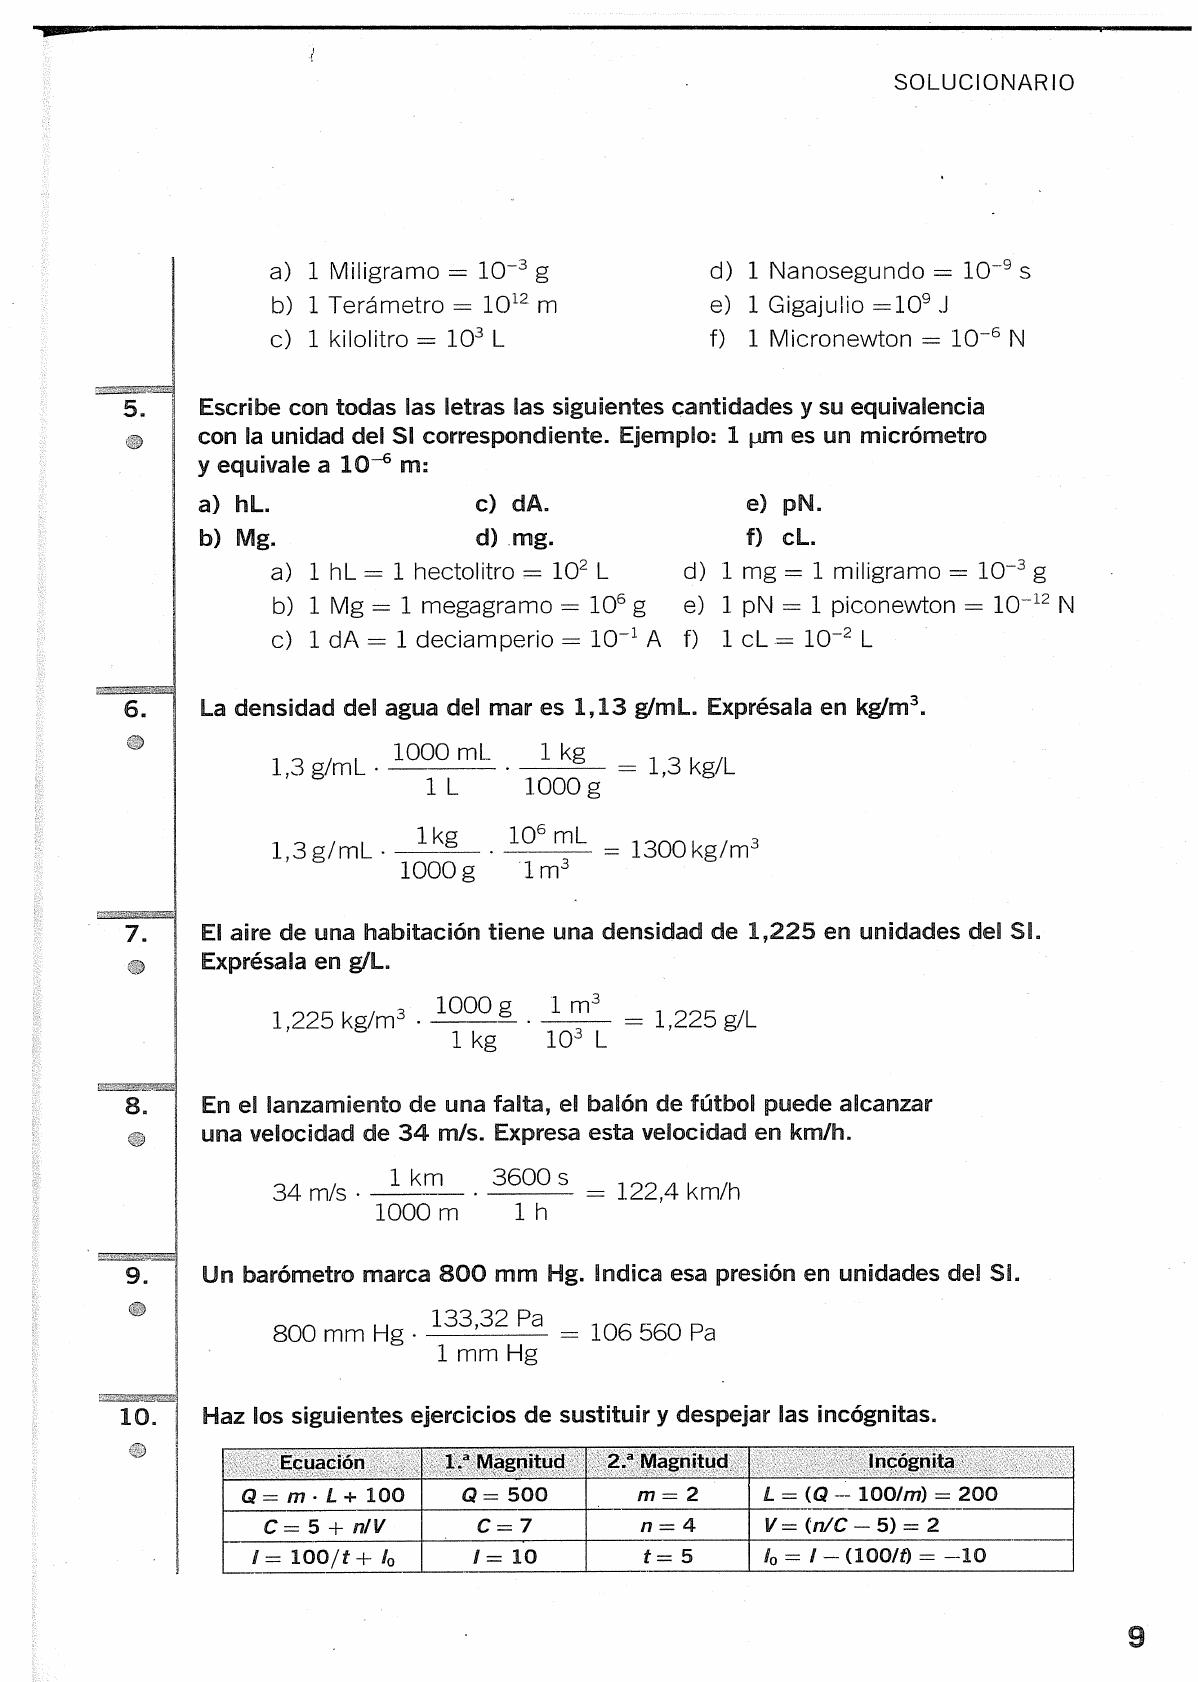 Solucionario Fisica Y Quimica 3 Eso Santillana Enseñanza De Química Química Ciencias Quimica